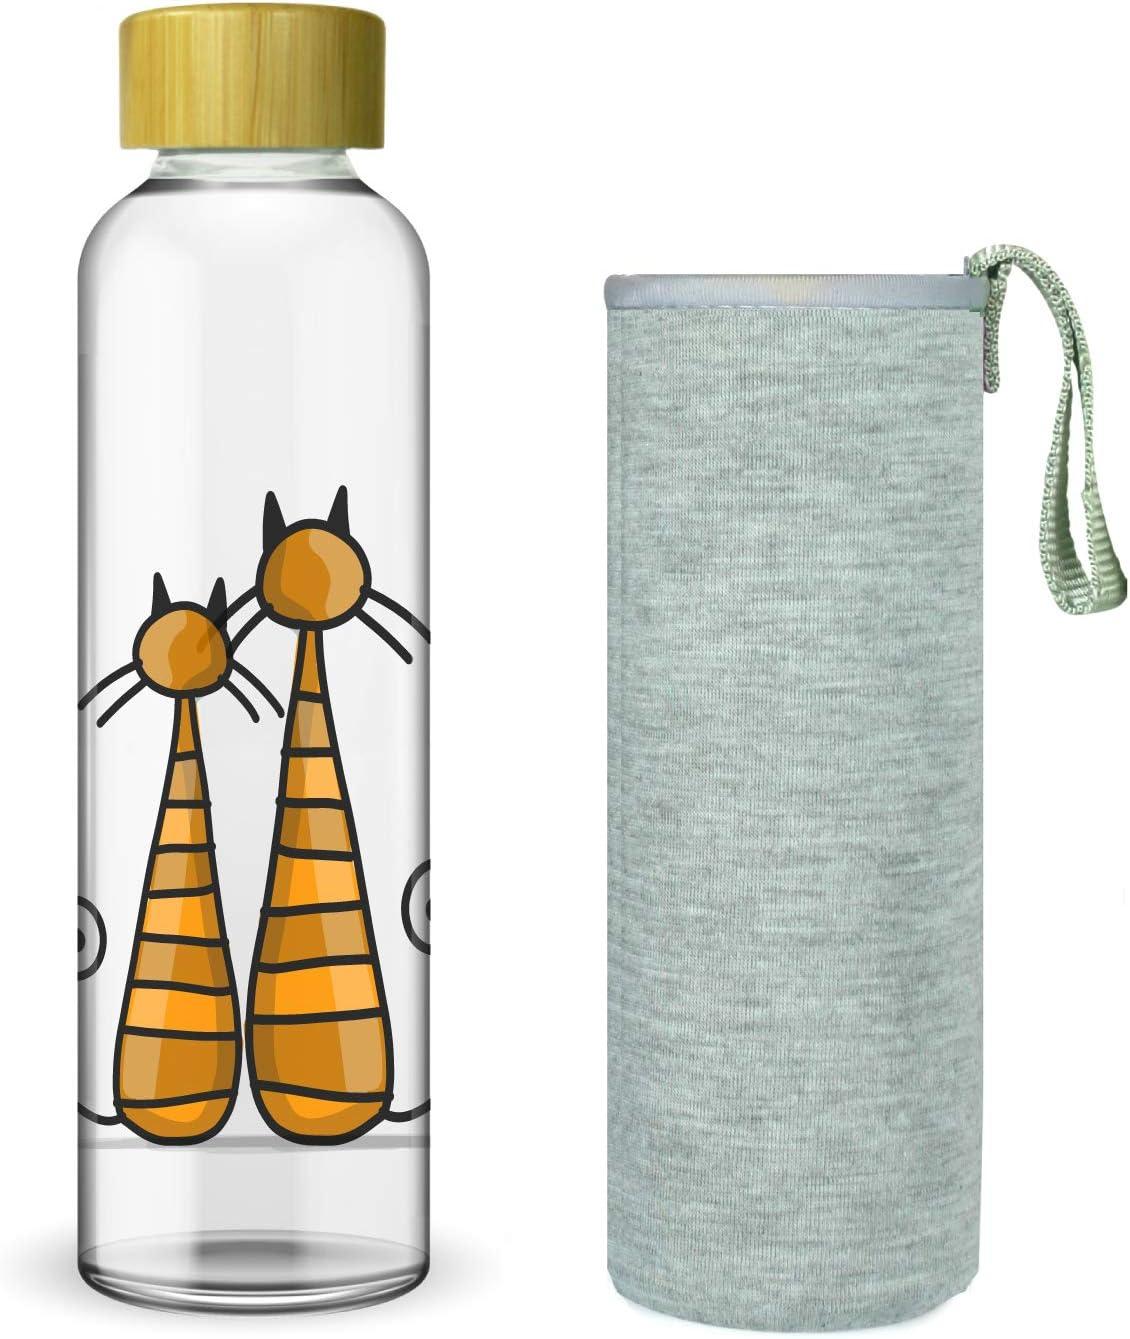 Wenburg Cantimplora Botella de Cristal con Tapa de bambú 550/750 ml, Cubierta de Neopreno. Botella Deportiva/Botella de Agua de Vidrio. para Llevar. para té, Batidos